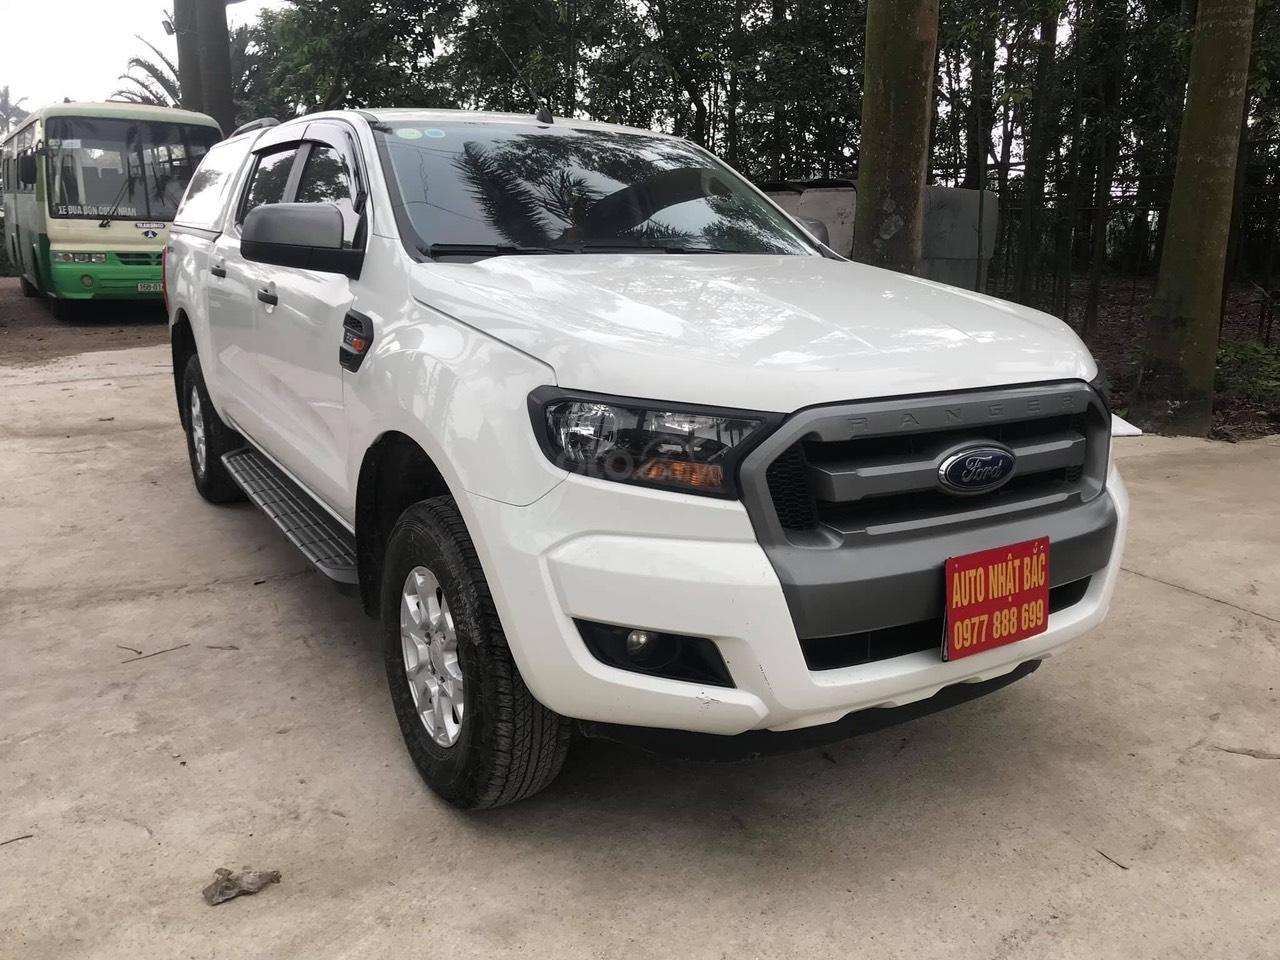 Bán Ford Ranger XLS đời 2016, số sàn 1 cầu, máy dầu 2.2, nhập khẩu nguyên chiếc Thái Lan-1